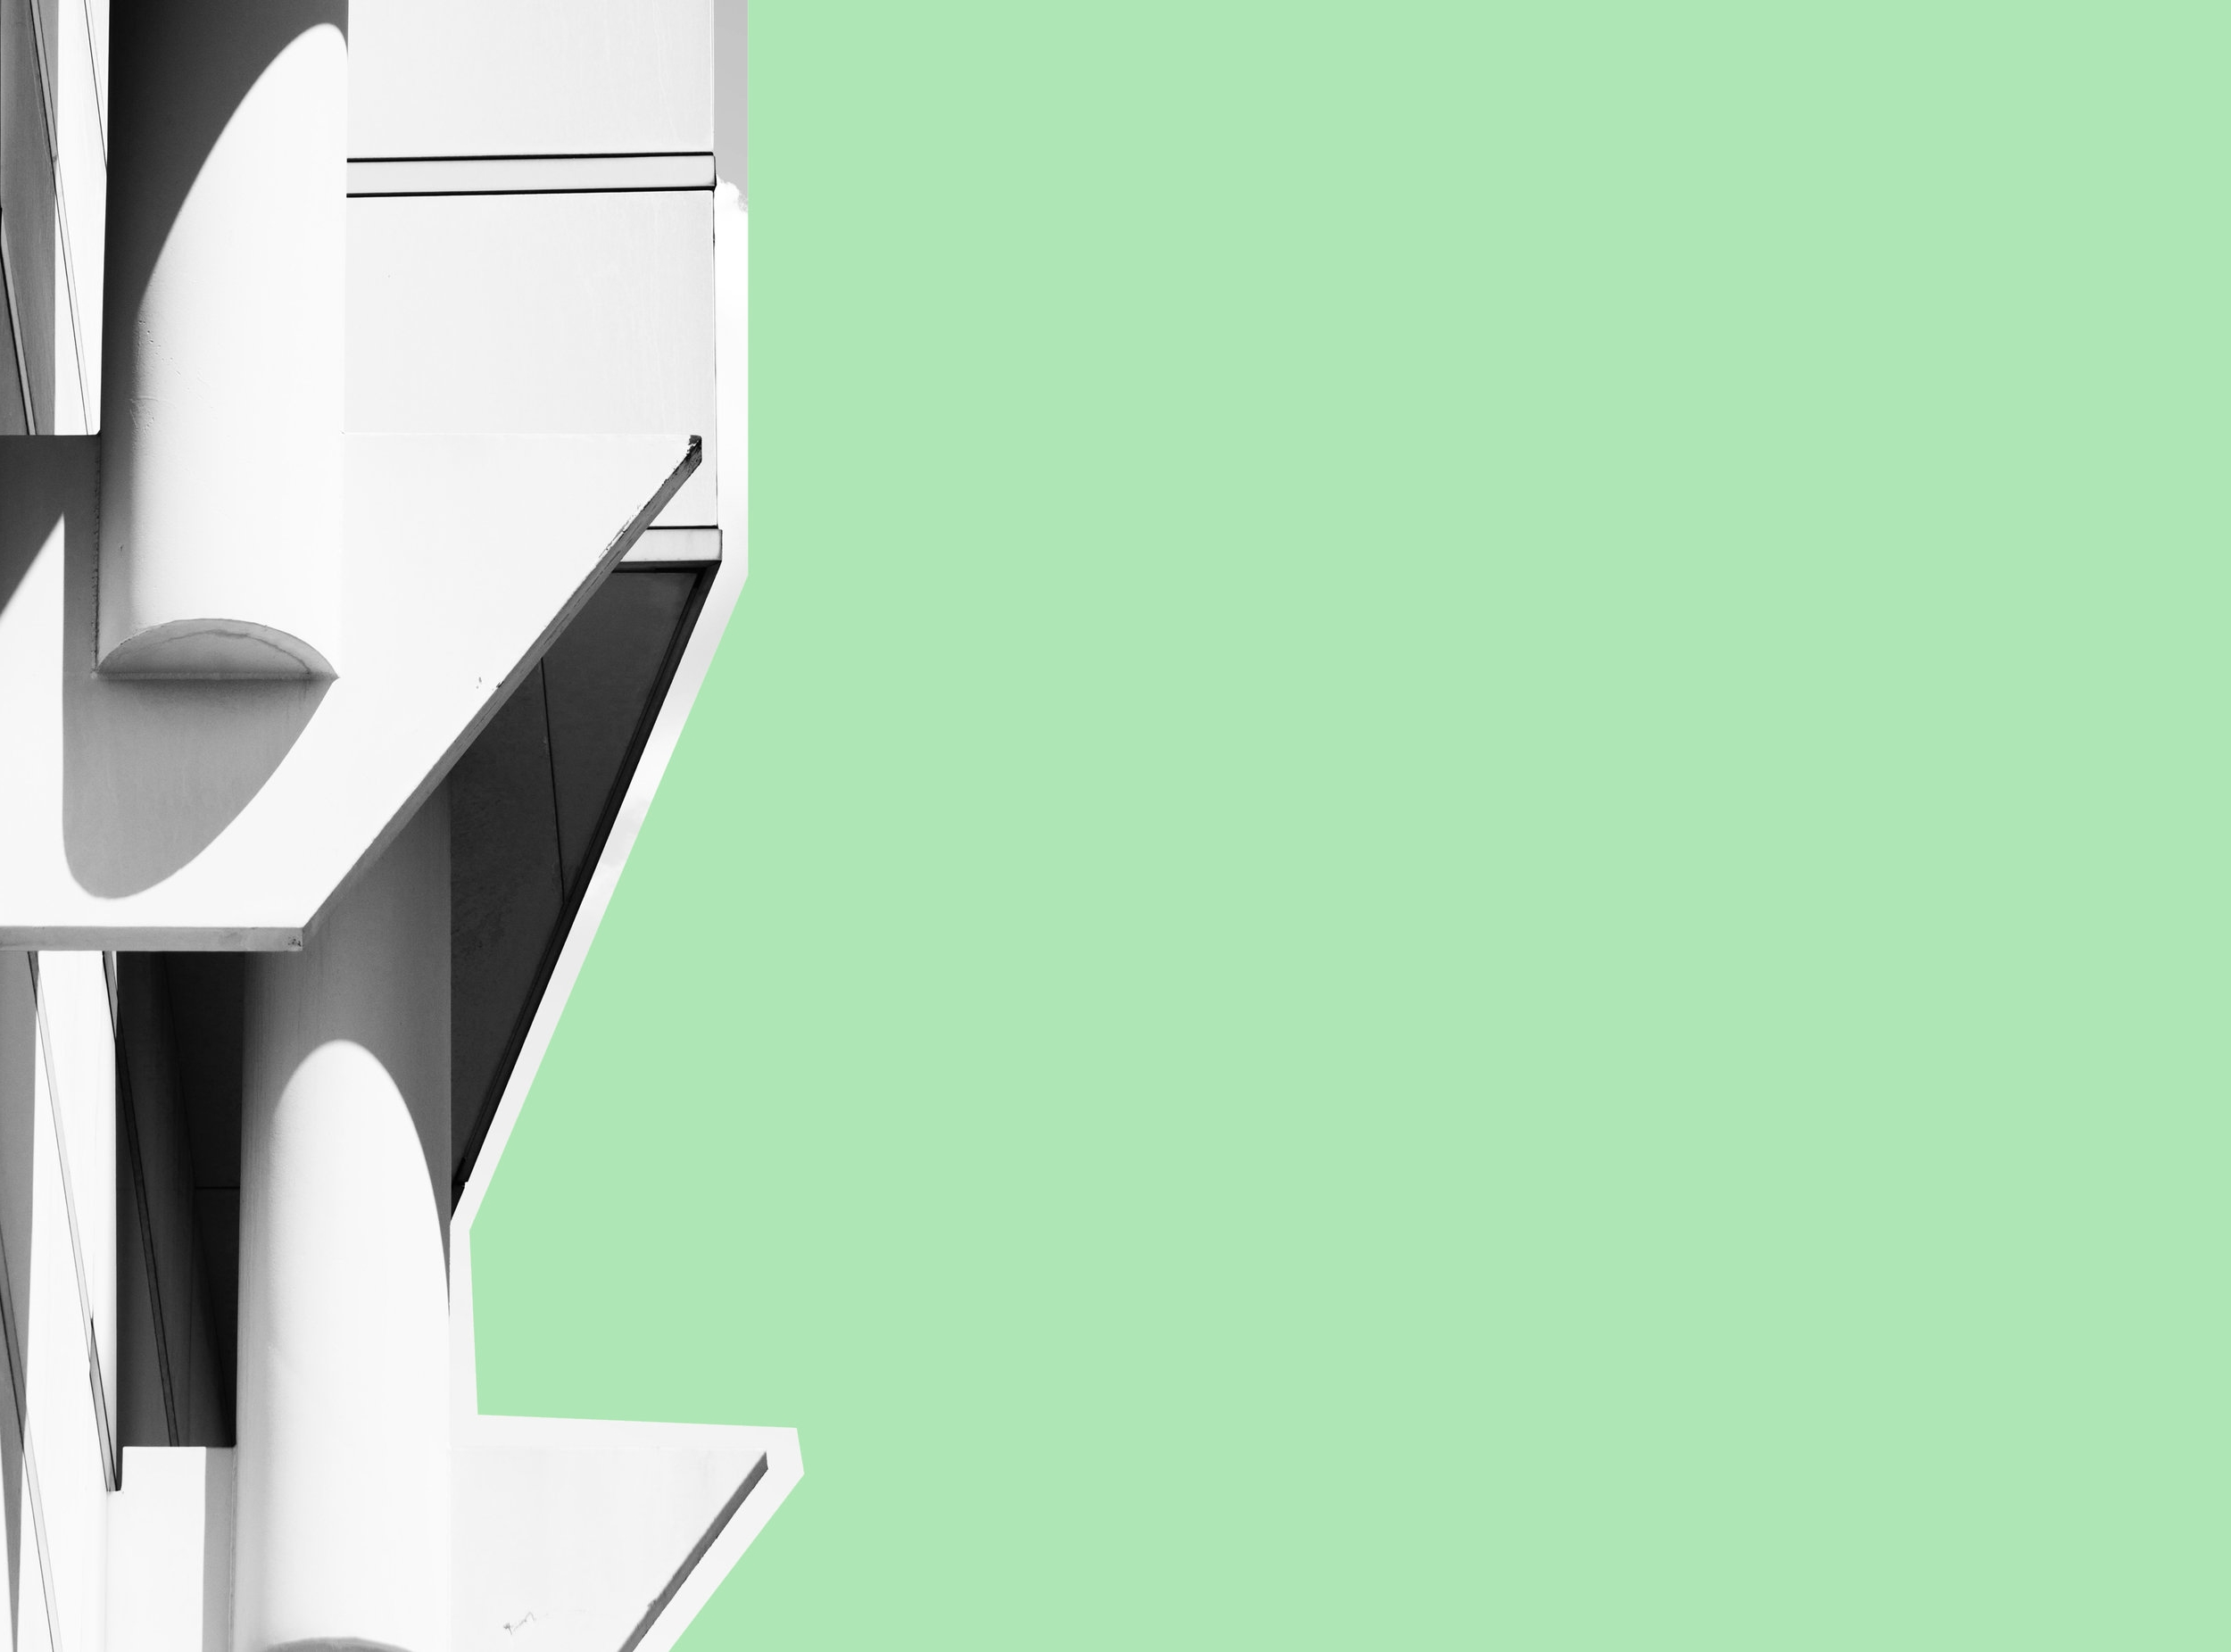 consulenza casaclima - Offriamo Consulenza, Progettazione e direzione lavori in fabbricati ad alta efficienza energetica (NZBE) certificati CasaClima sia sul nuovo che nelle ristrutturazioni